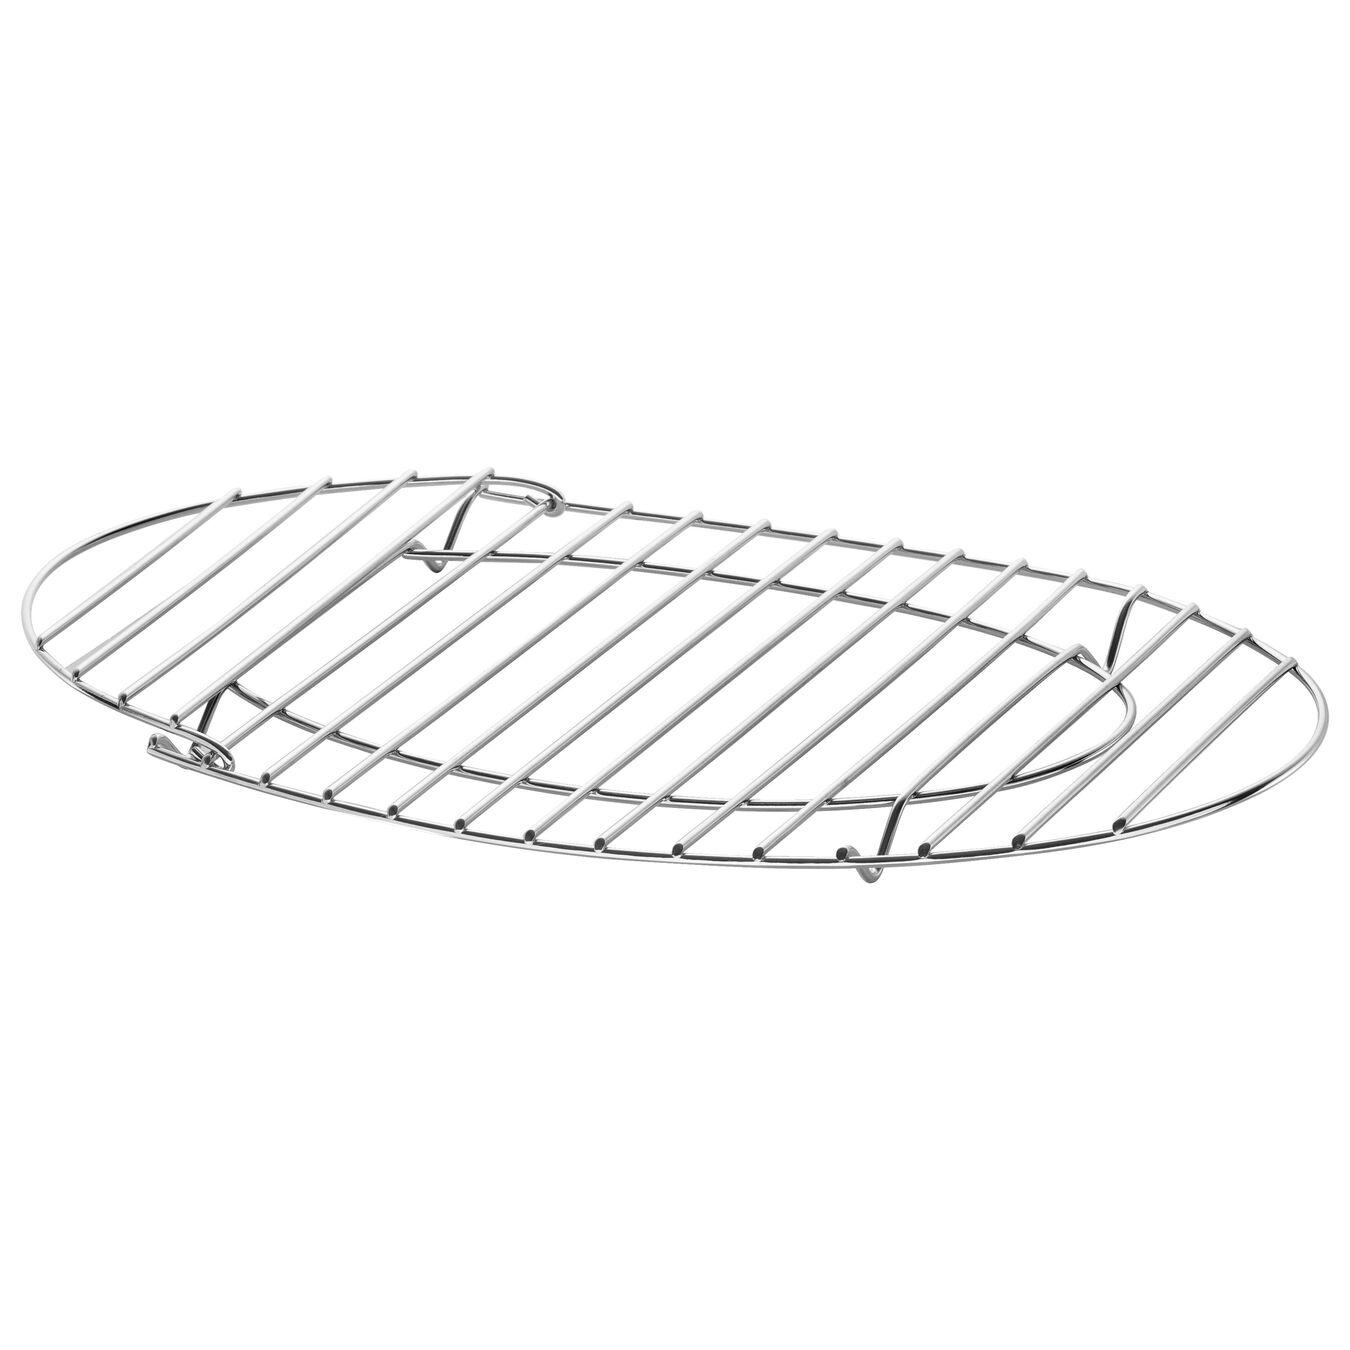 Sauteuse 41 cm, Inox 18/10, Argent,,large 2